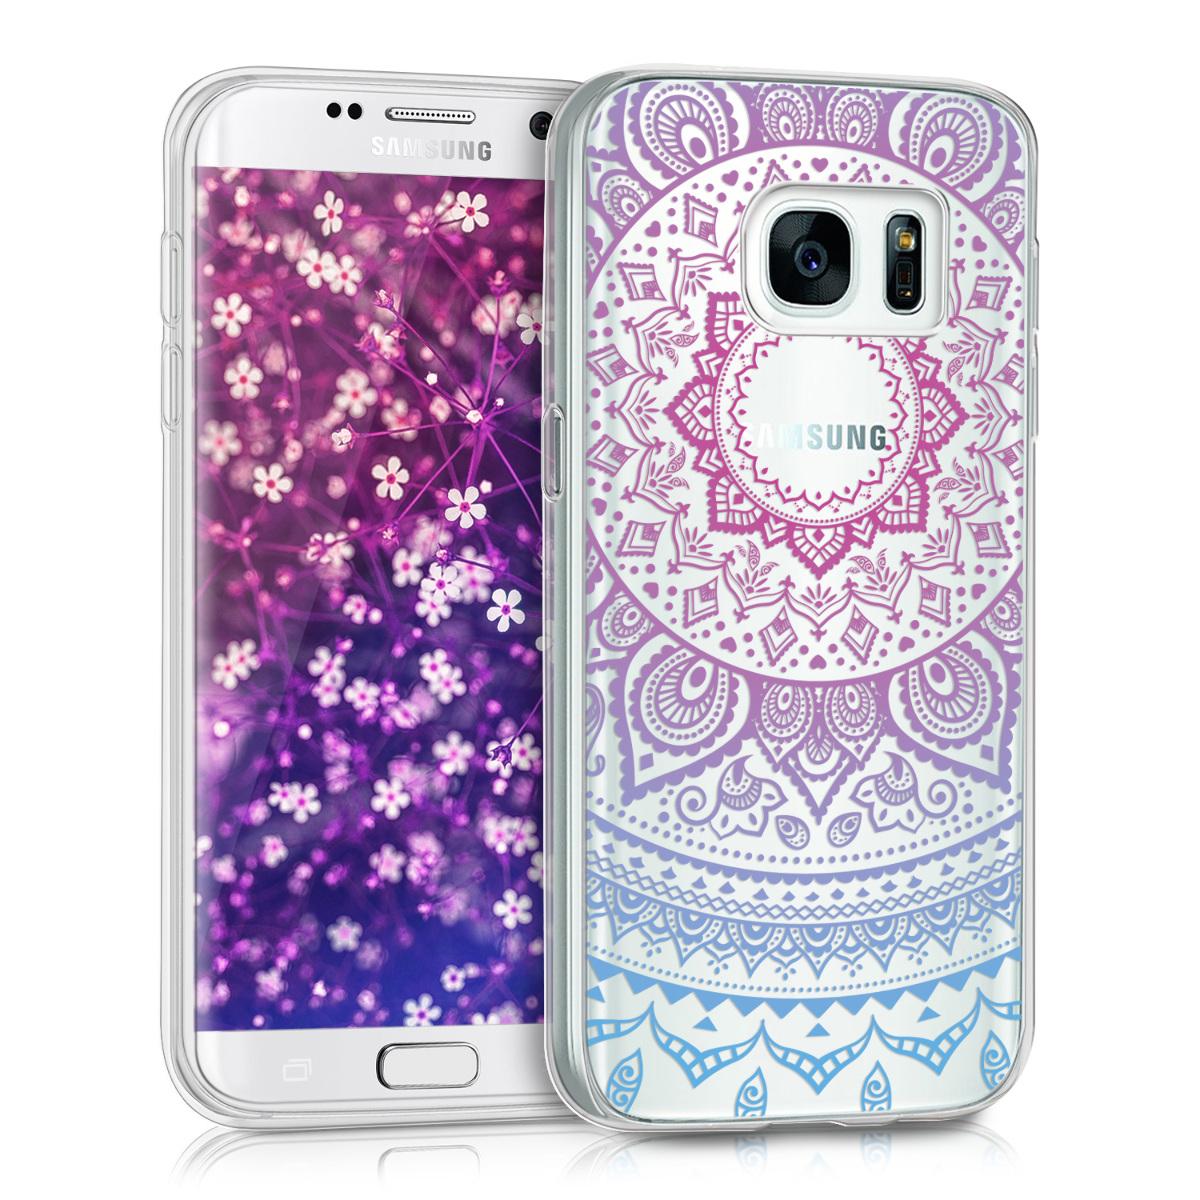 Kvalitní silikonové TPU pouzdro pro Samsung S7 - indické slunce modré / tmavě růžová / transparentní